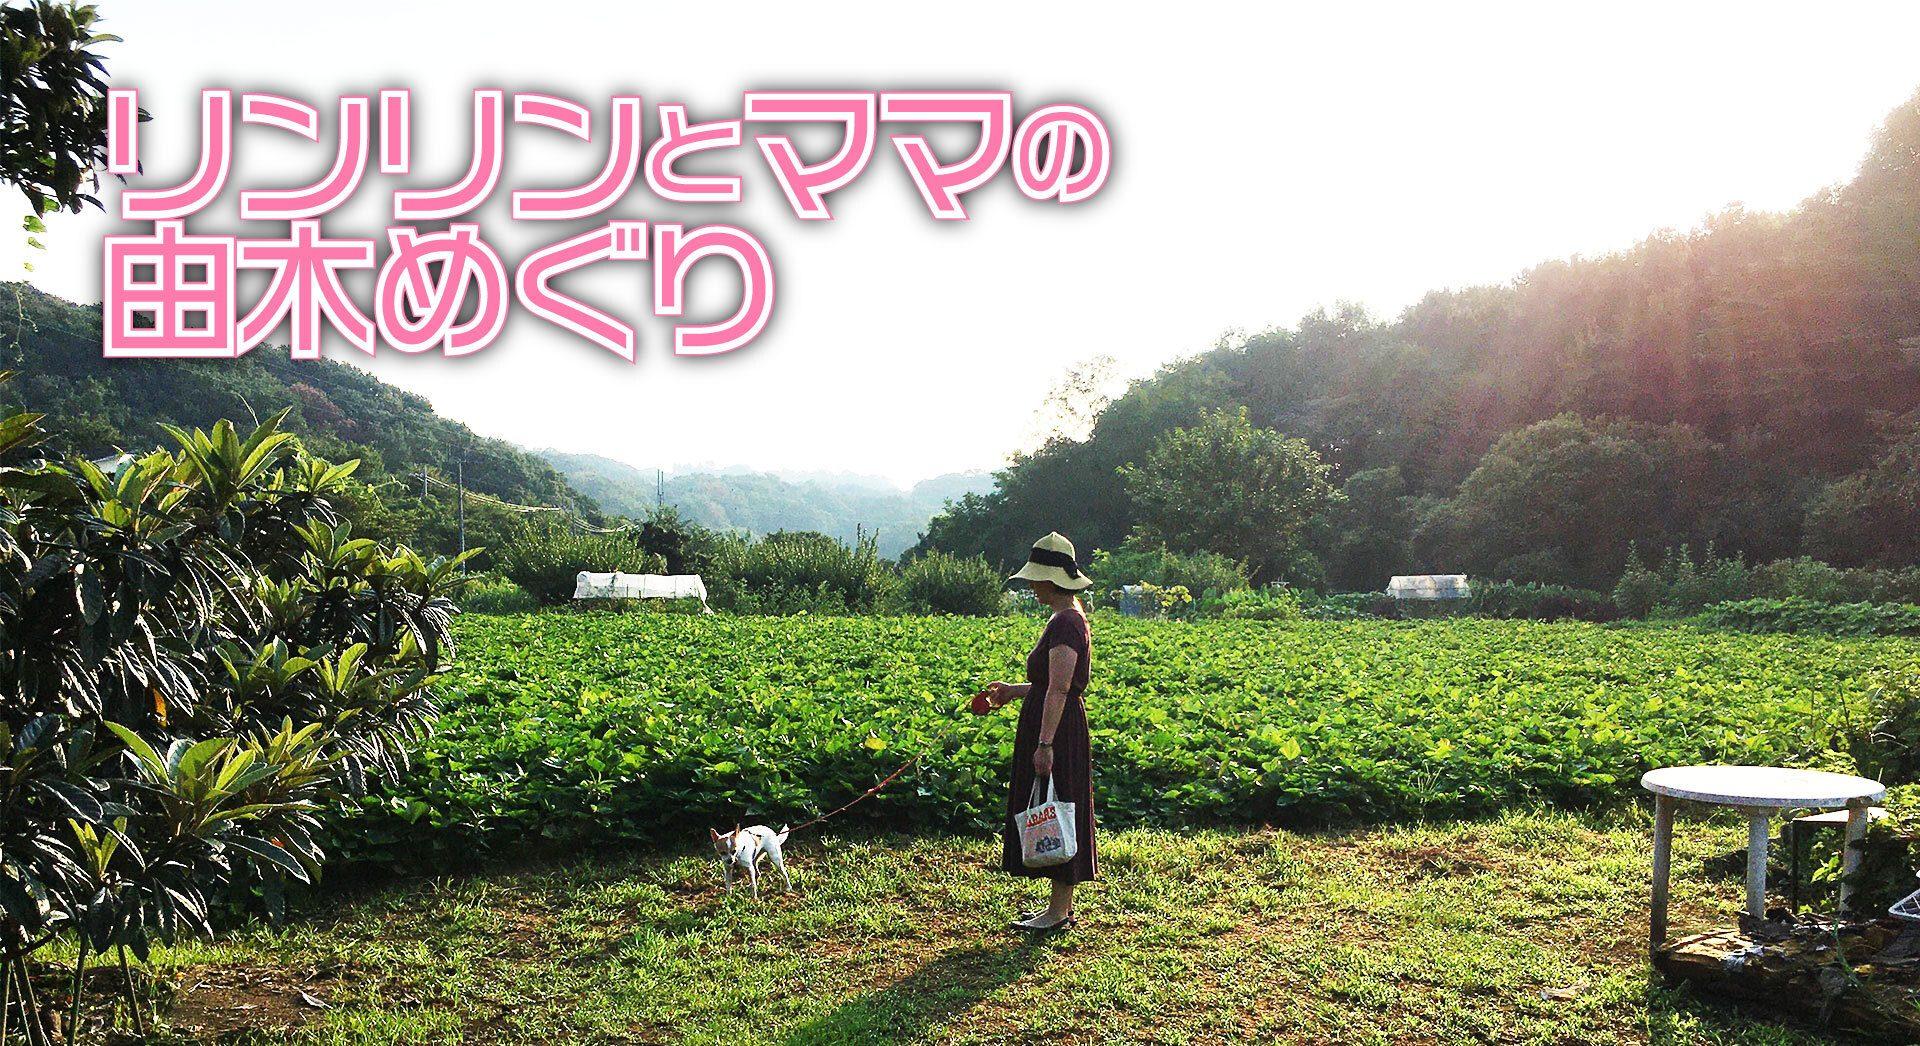 【新連載】リンリンとママの由木めぐり – 旬の夏野菜を求めて